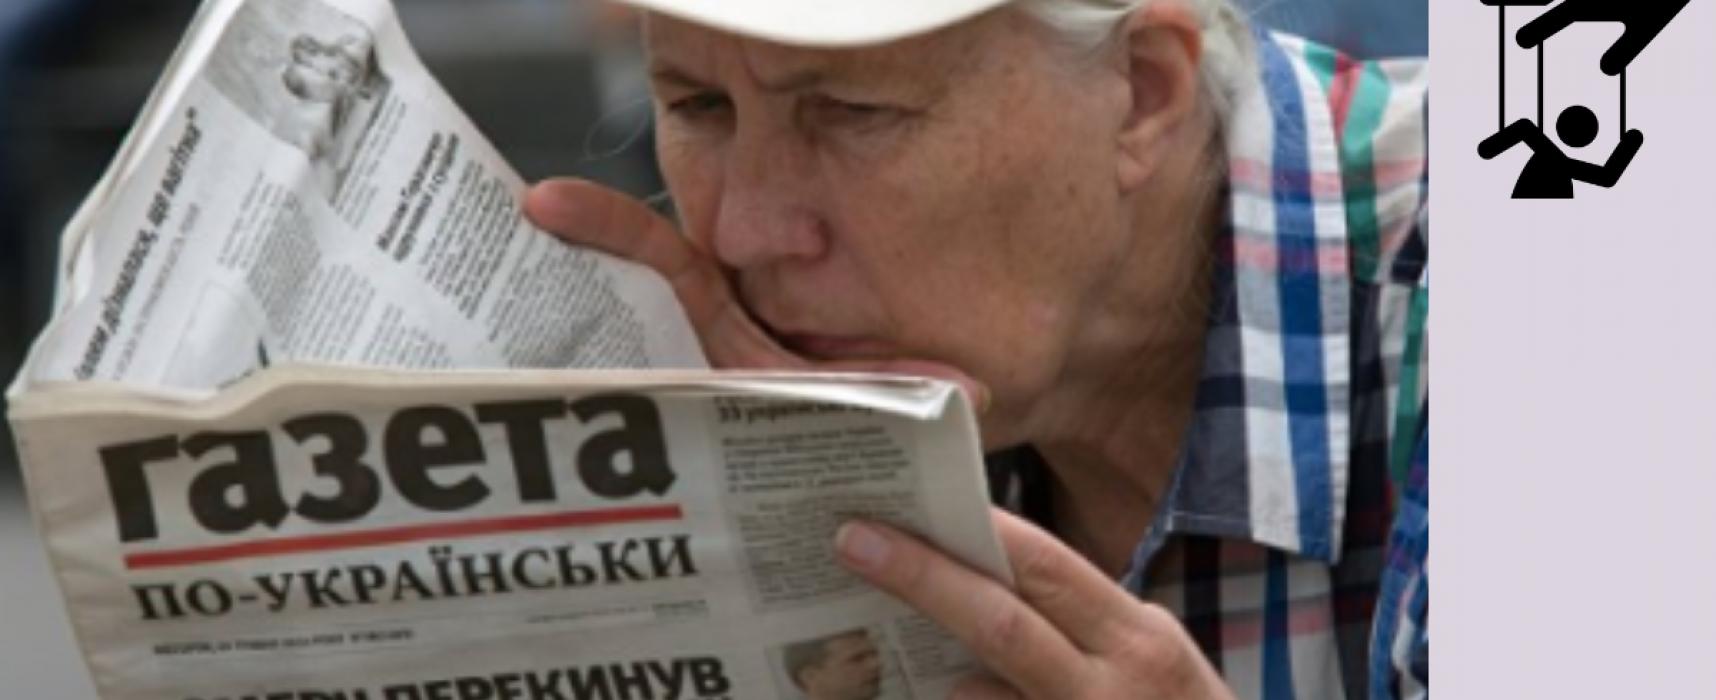 """Manipulation: L' """"ukrainisation"""" de la presse mènera à un échec de l'industrie"""